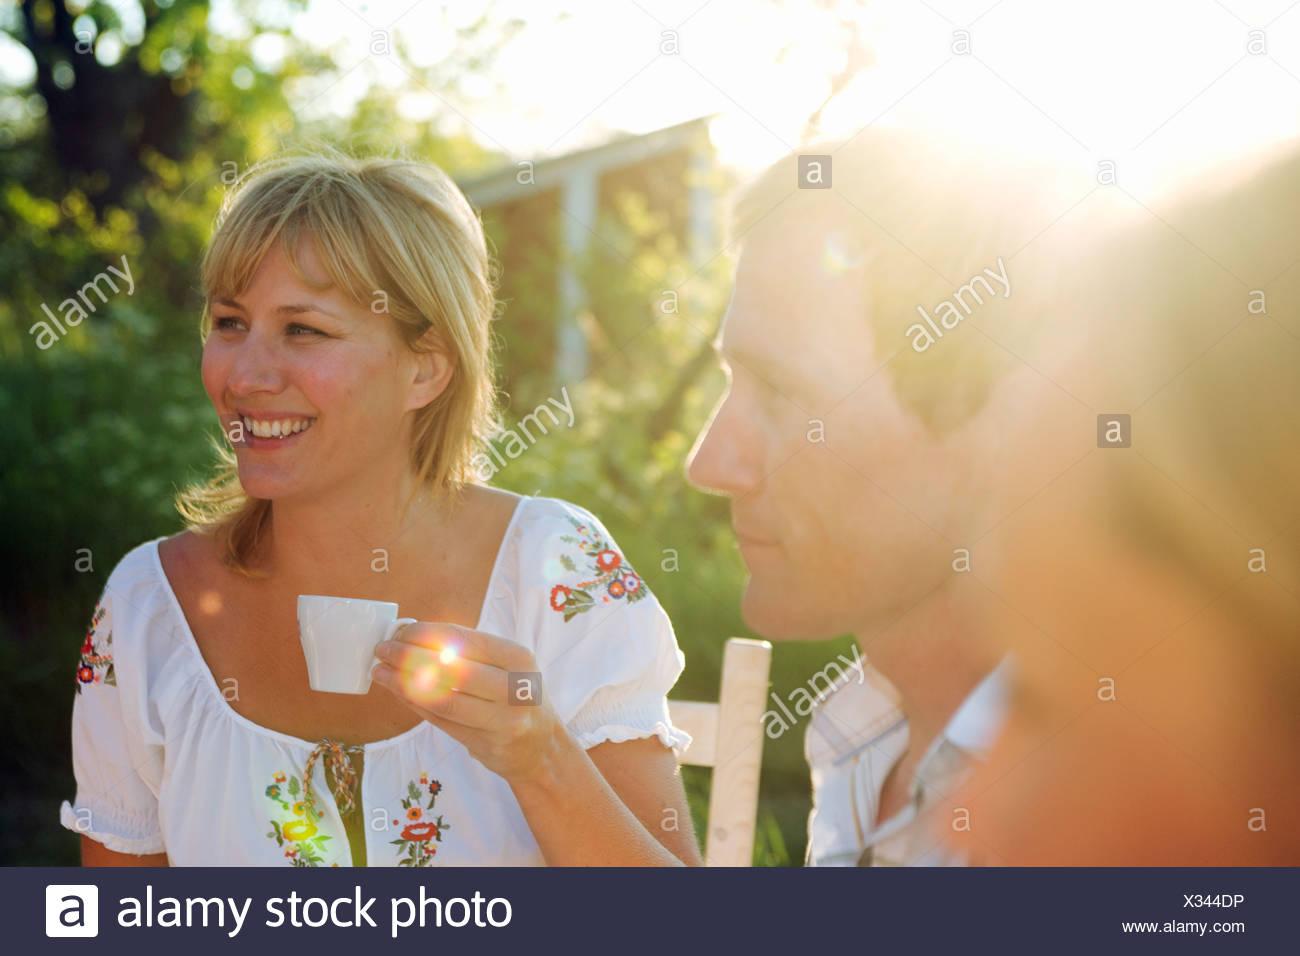 Une femme tenant une tasse de café, Fejan, archipel de Stockholm, Suède. Banque D'Images